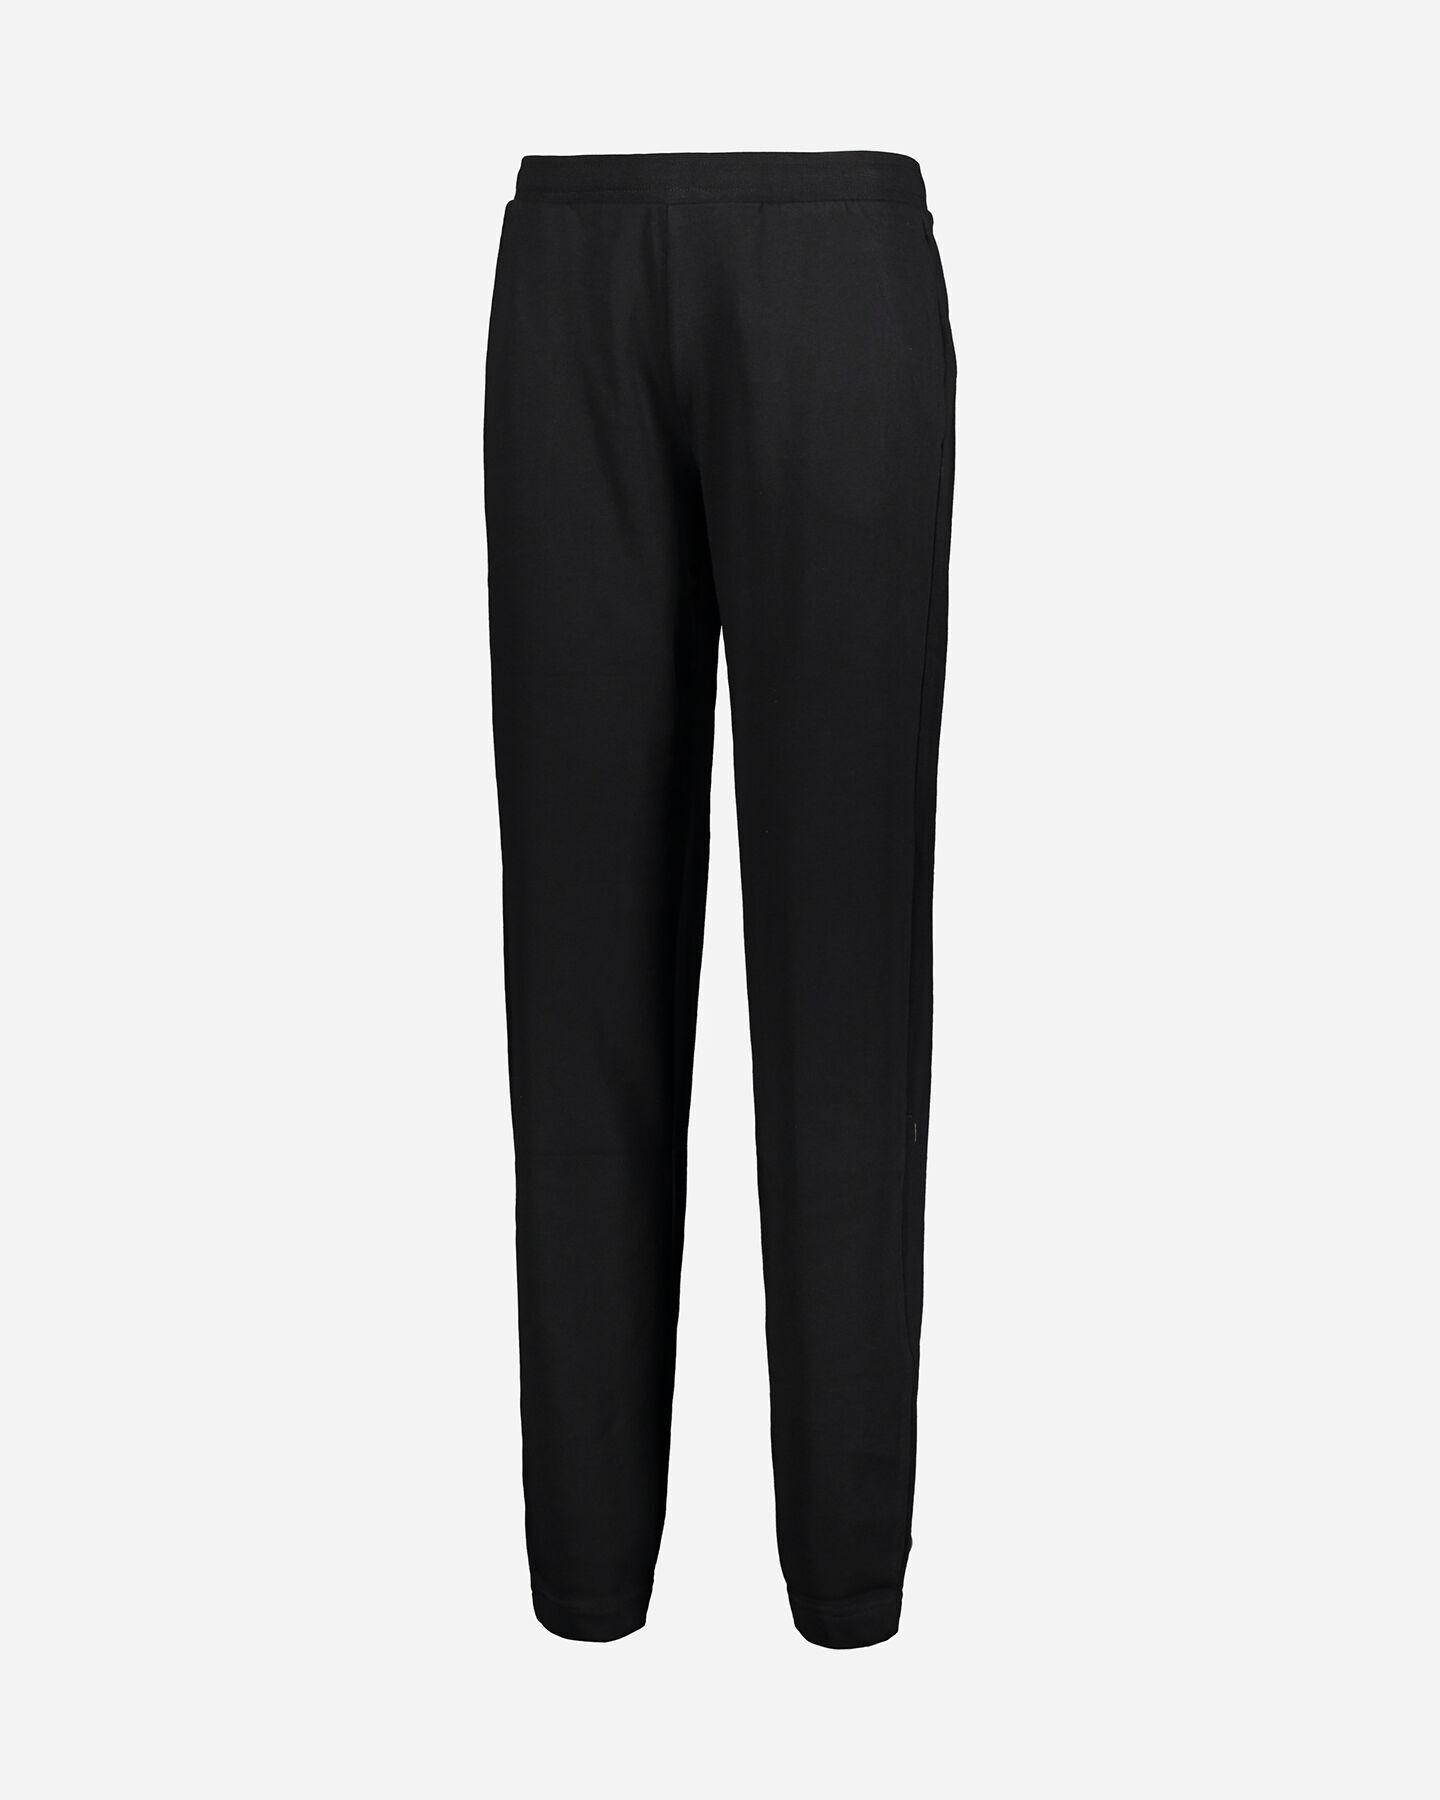 Pantalone ABC STRAIGHT W S5296358 scatto 4